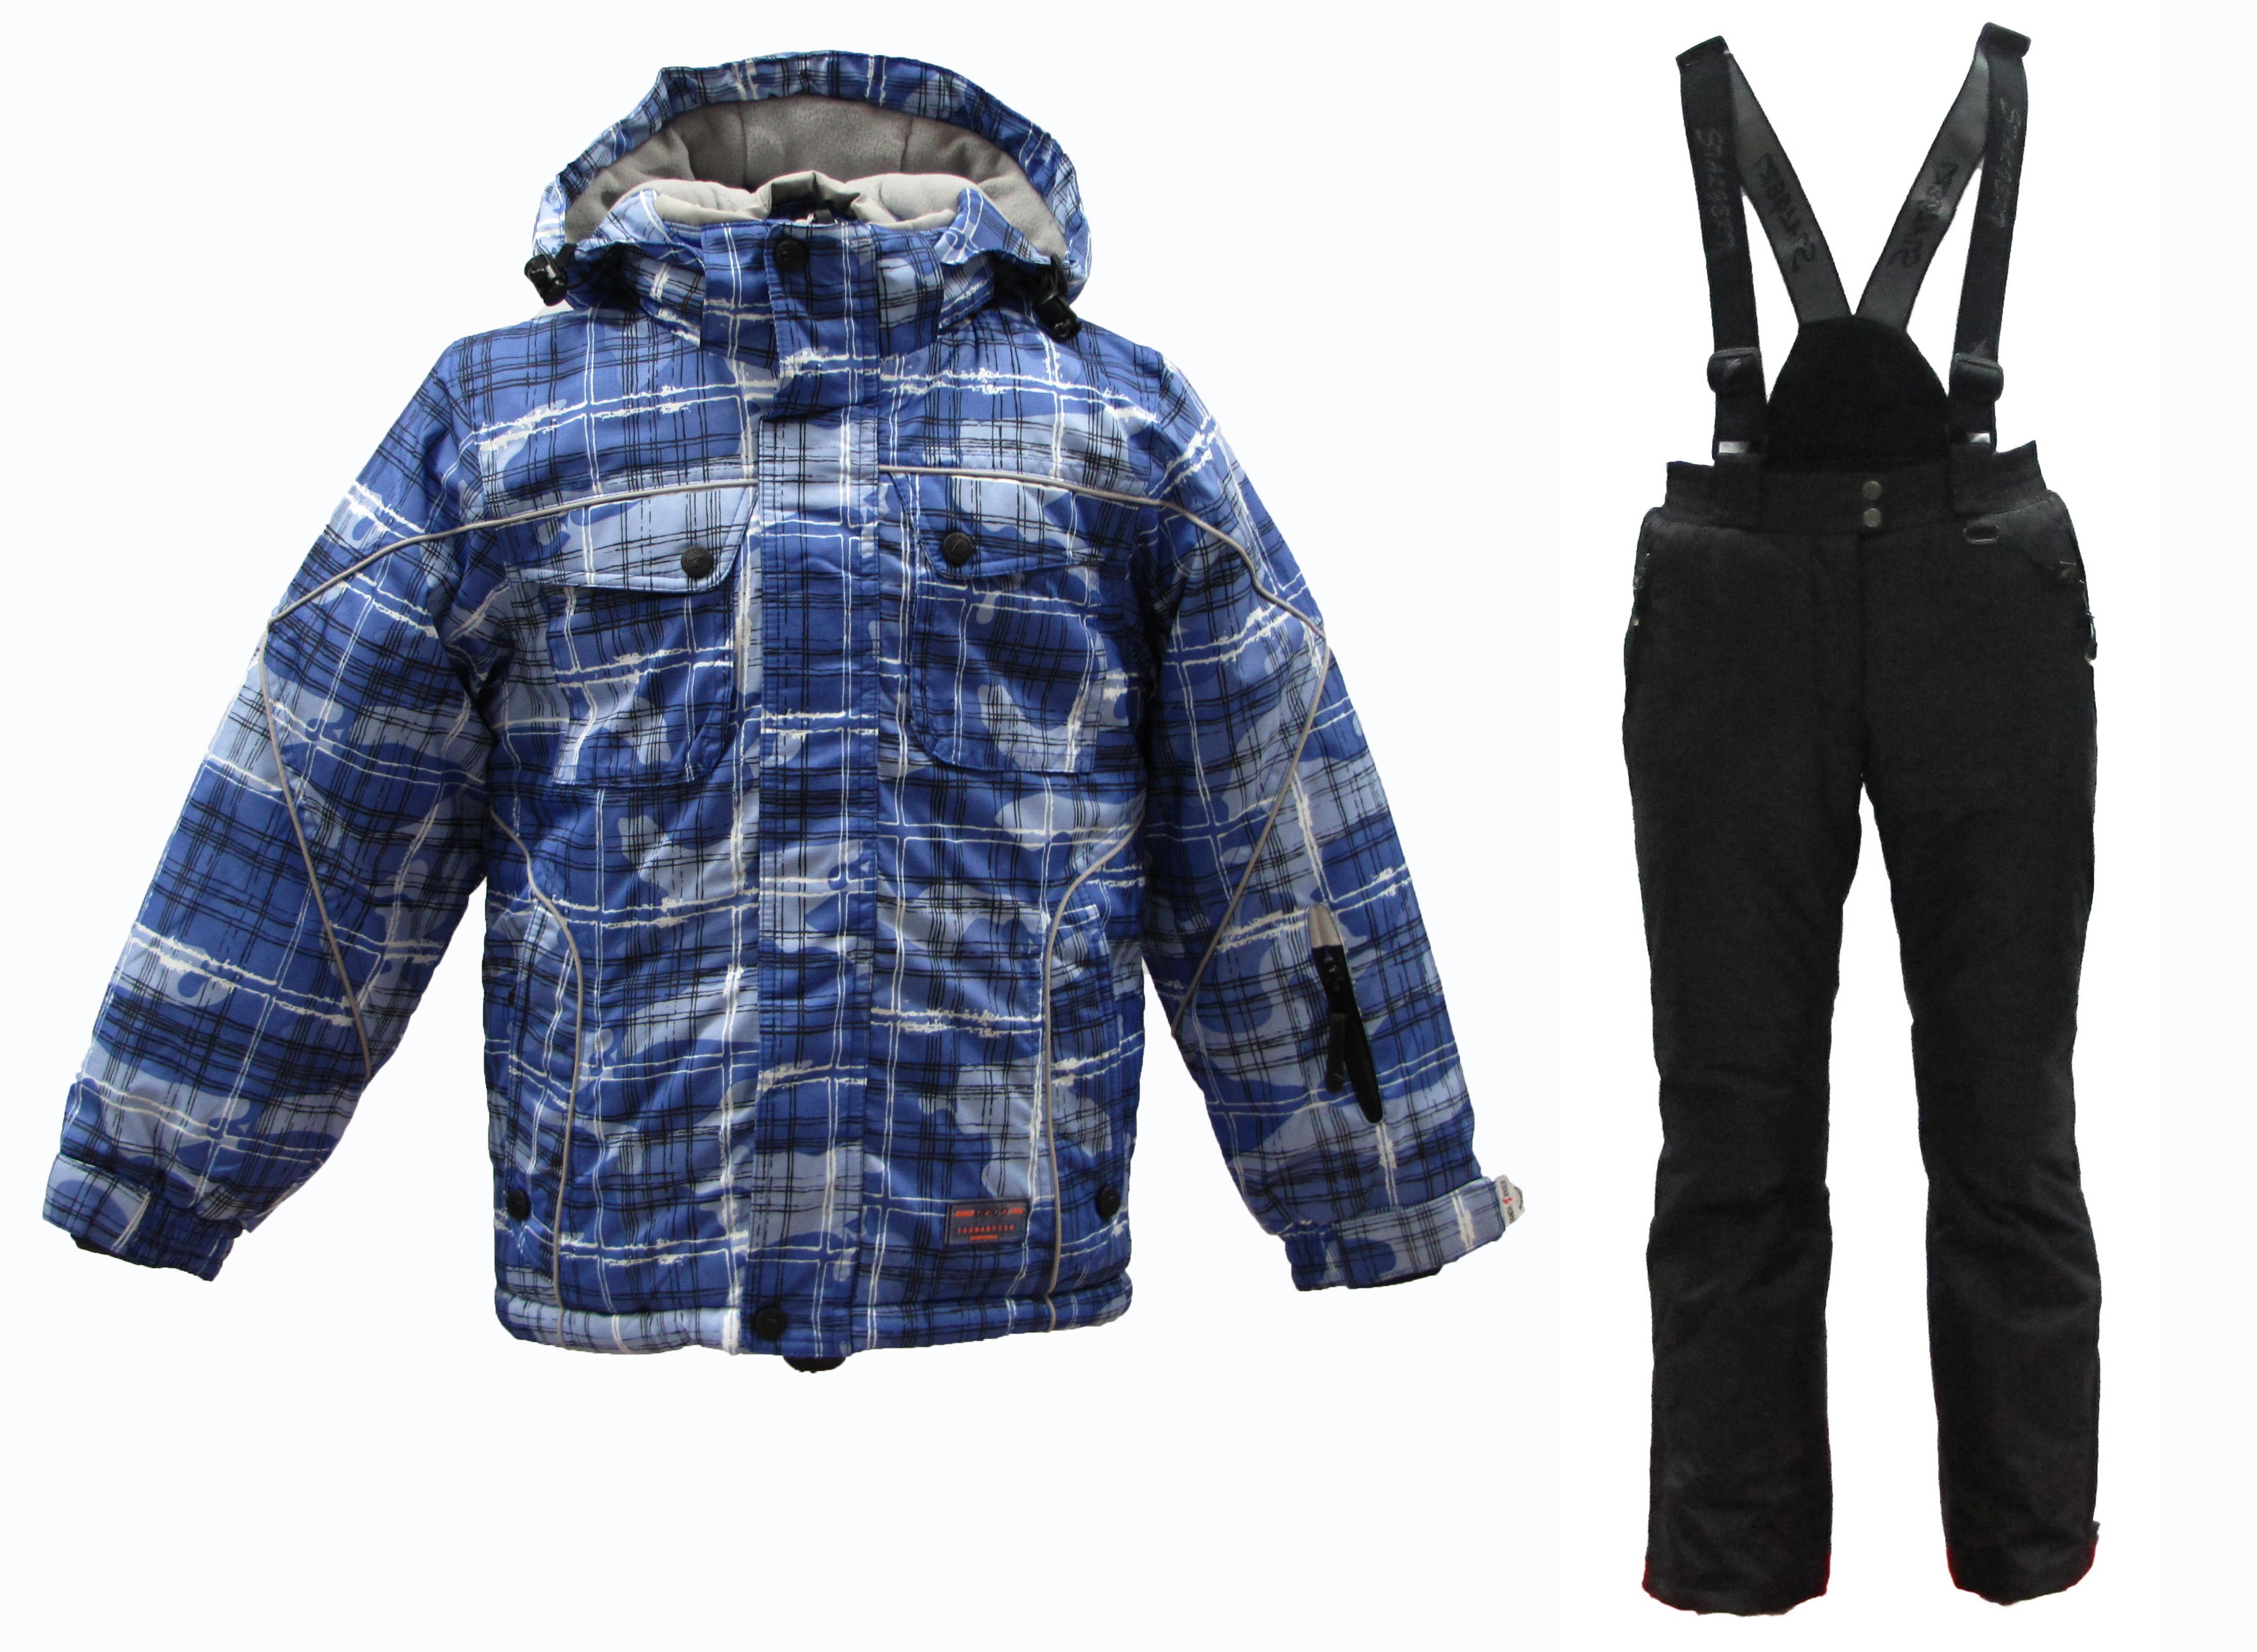 Горнолыжная одежда Kiko Т817 - Детские